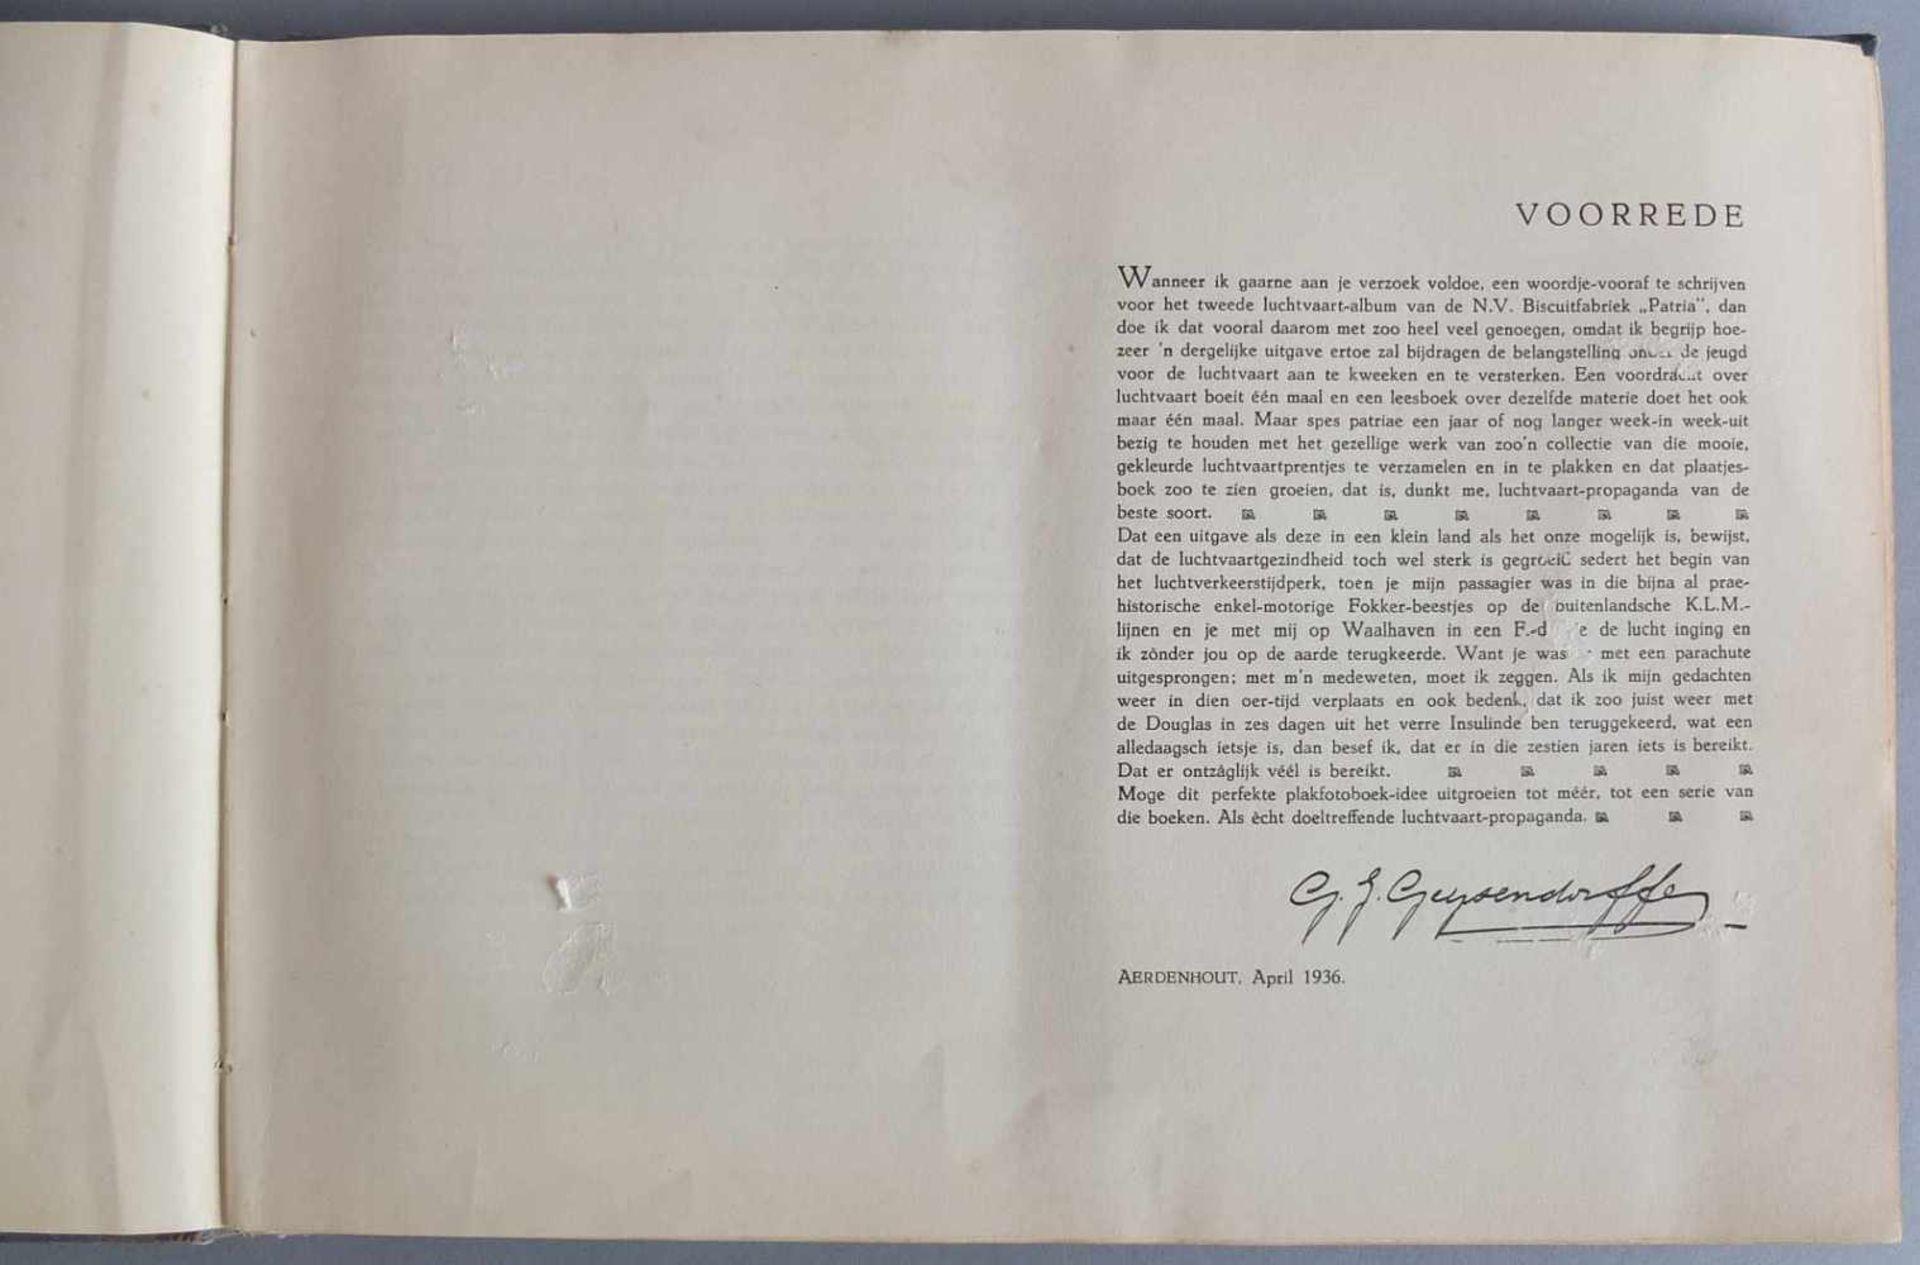 SAMMELALBUM, Patria´s Luchtvaartalbum, Henri Hegener, Amsterdam, 1936, geprägter Leineneinband, - Bild 4 aus 6